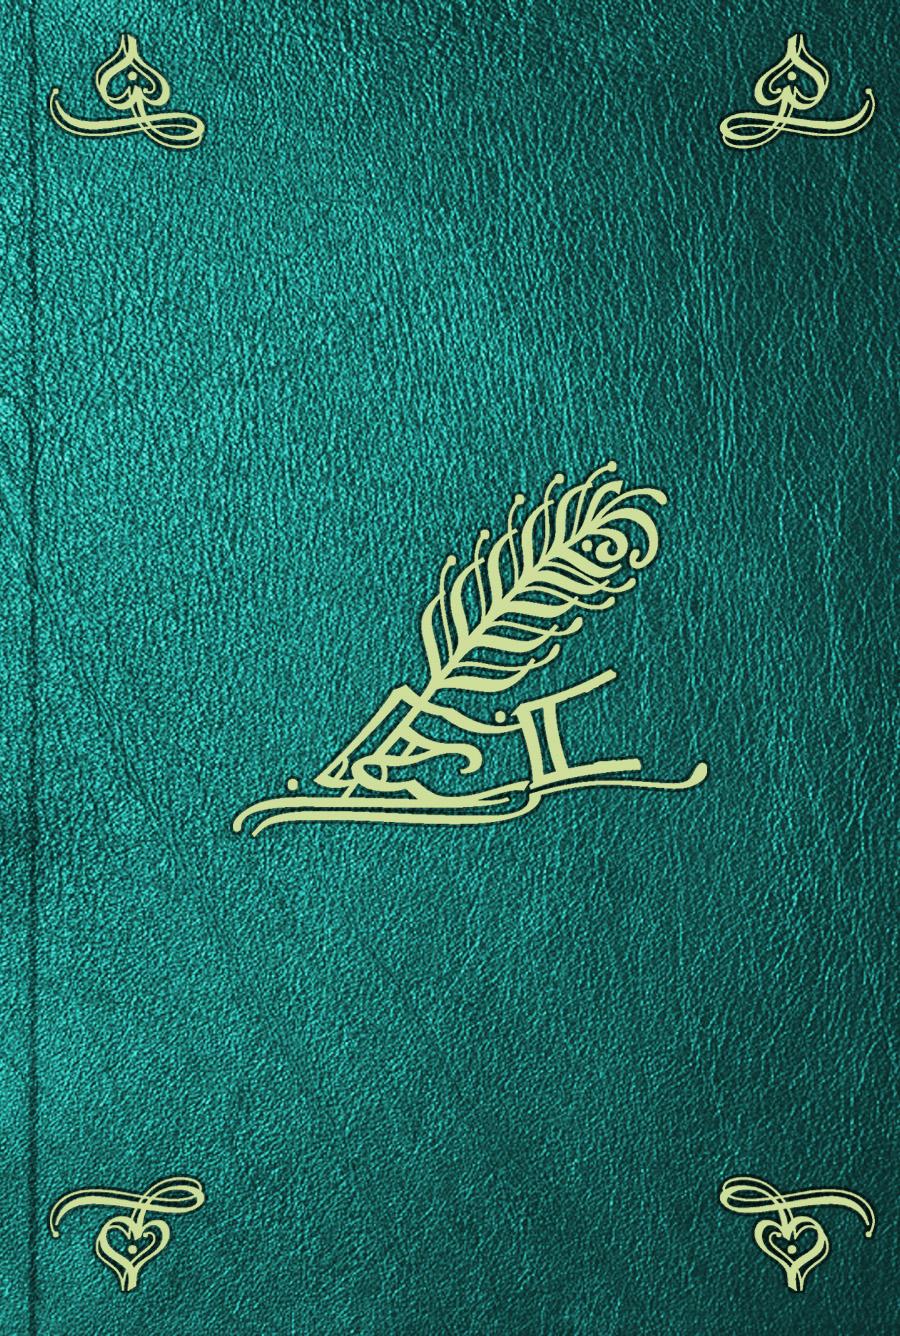 цены Comte de Buffon Georges Louis Leclerc Histoire naturelle. T. 6. Matieres generales